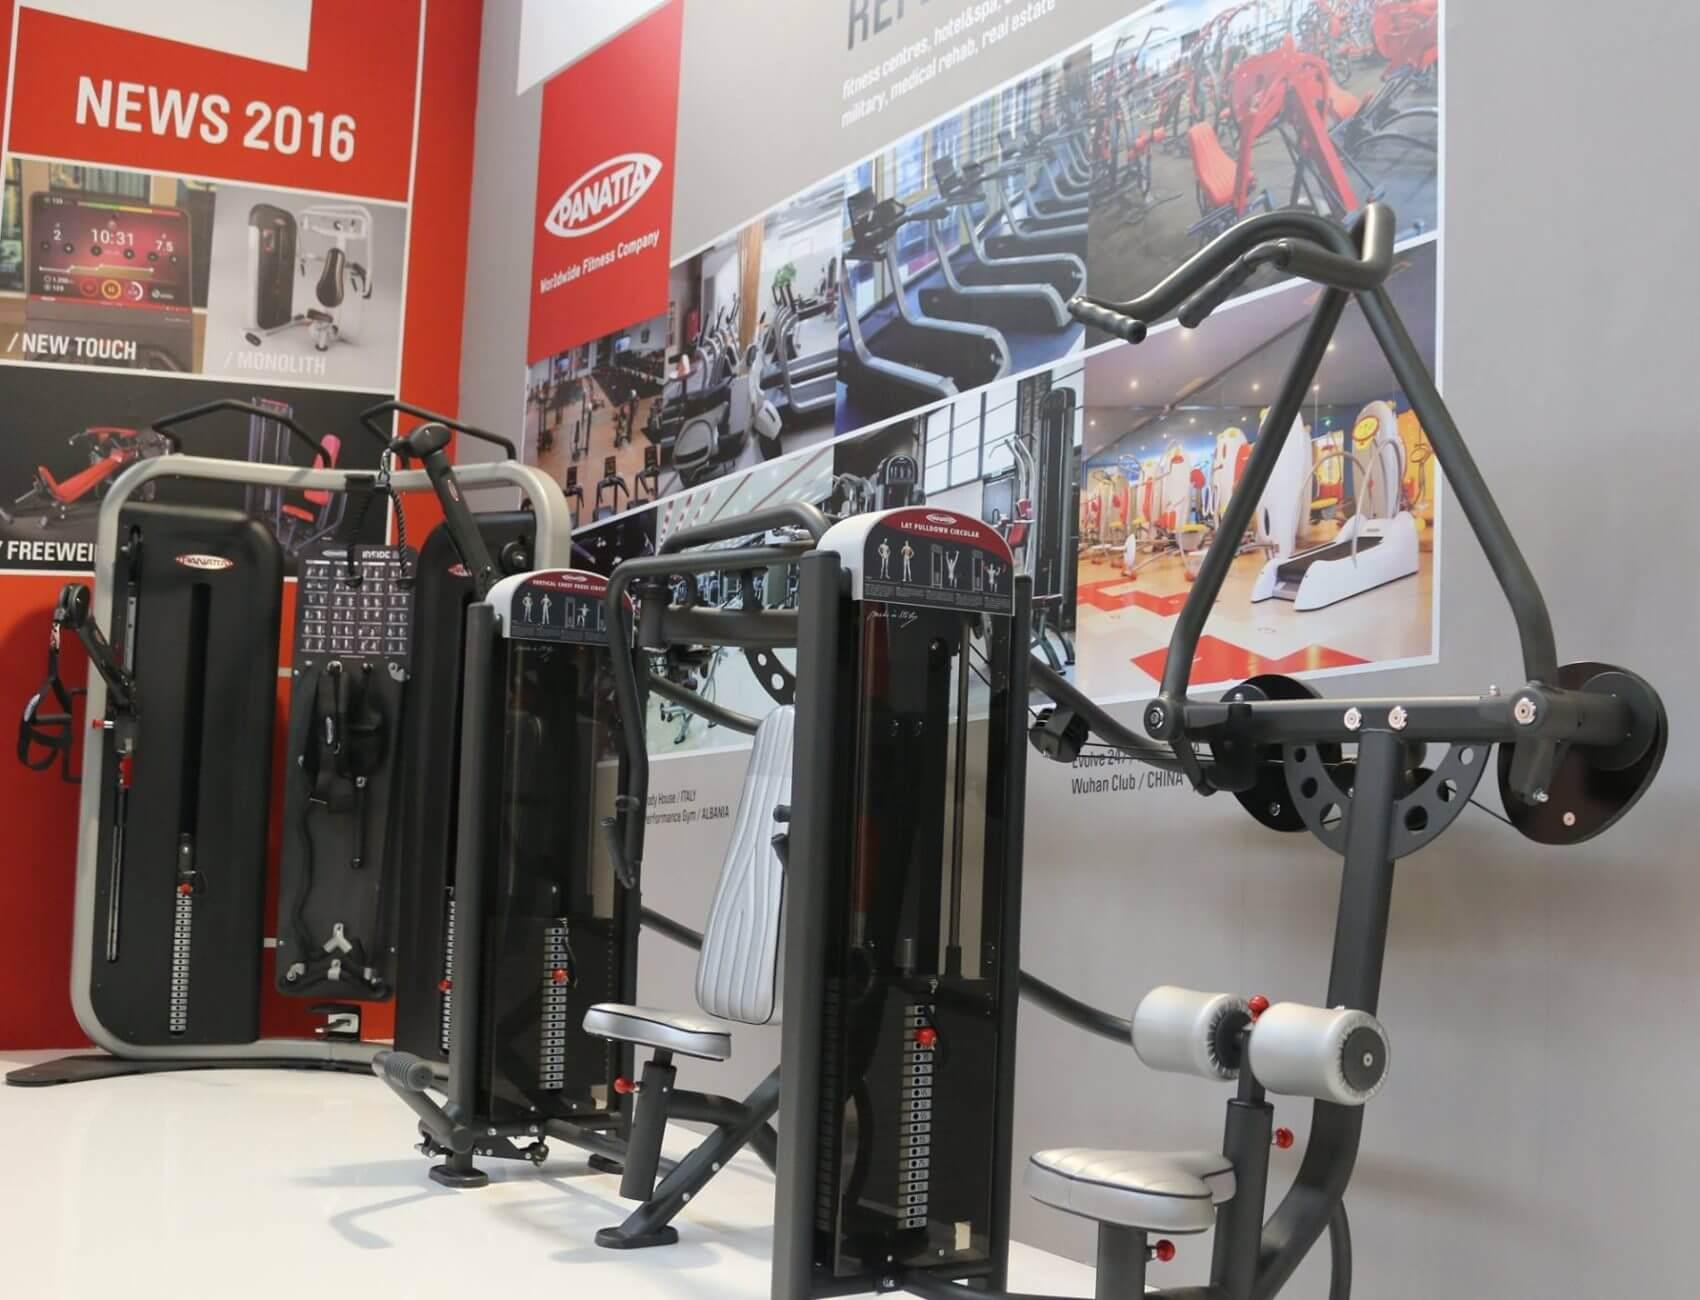 Galerie echipamente fitness 2013 - 2